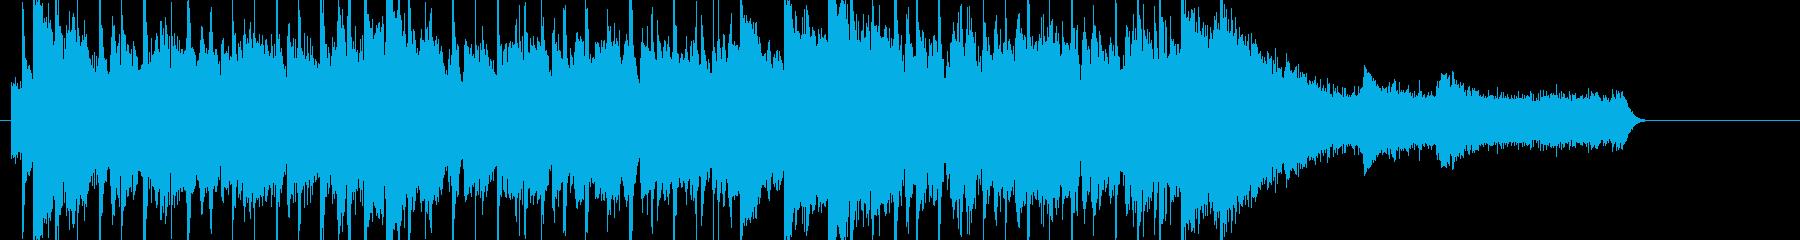 観客と一緒にJumpJumpJump!!の再生済みの波形